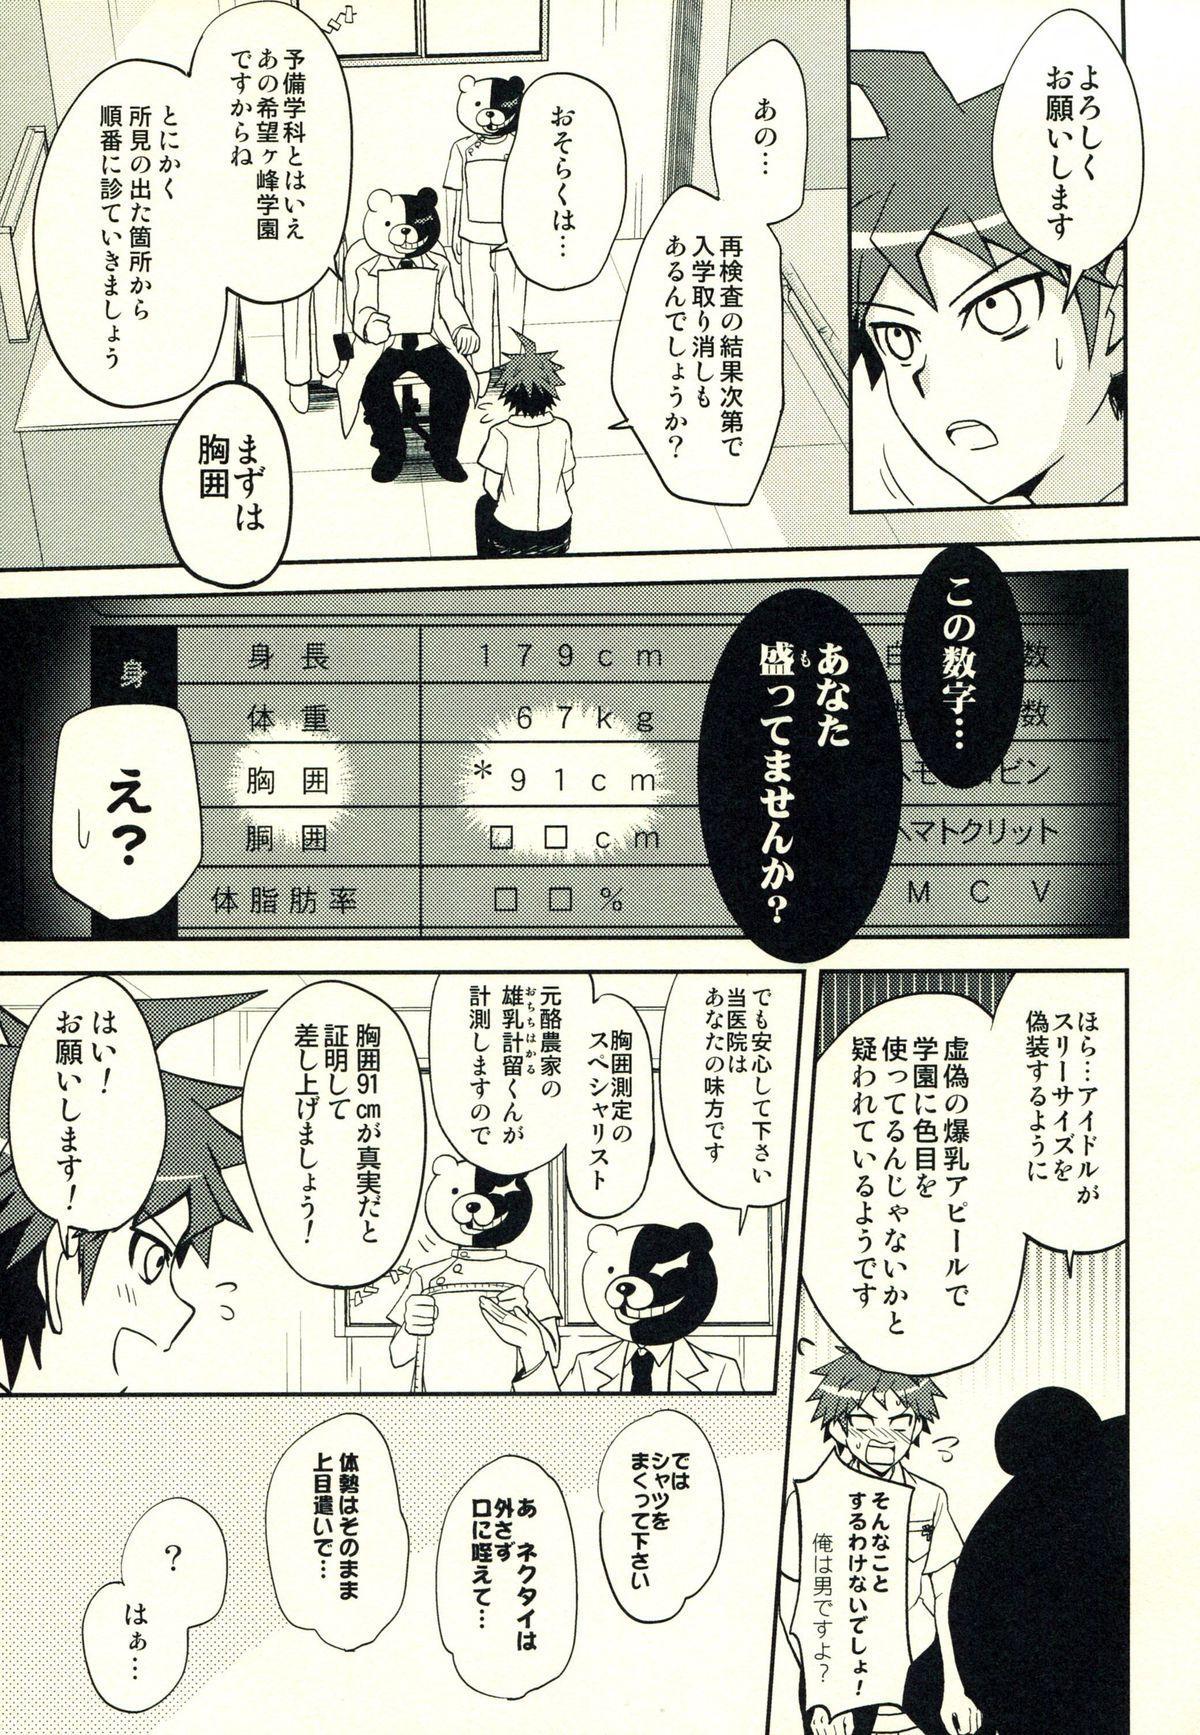 Hinata Hajime no Himitsu no Jikan 45